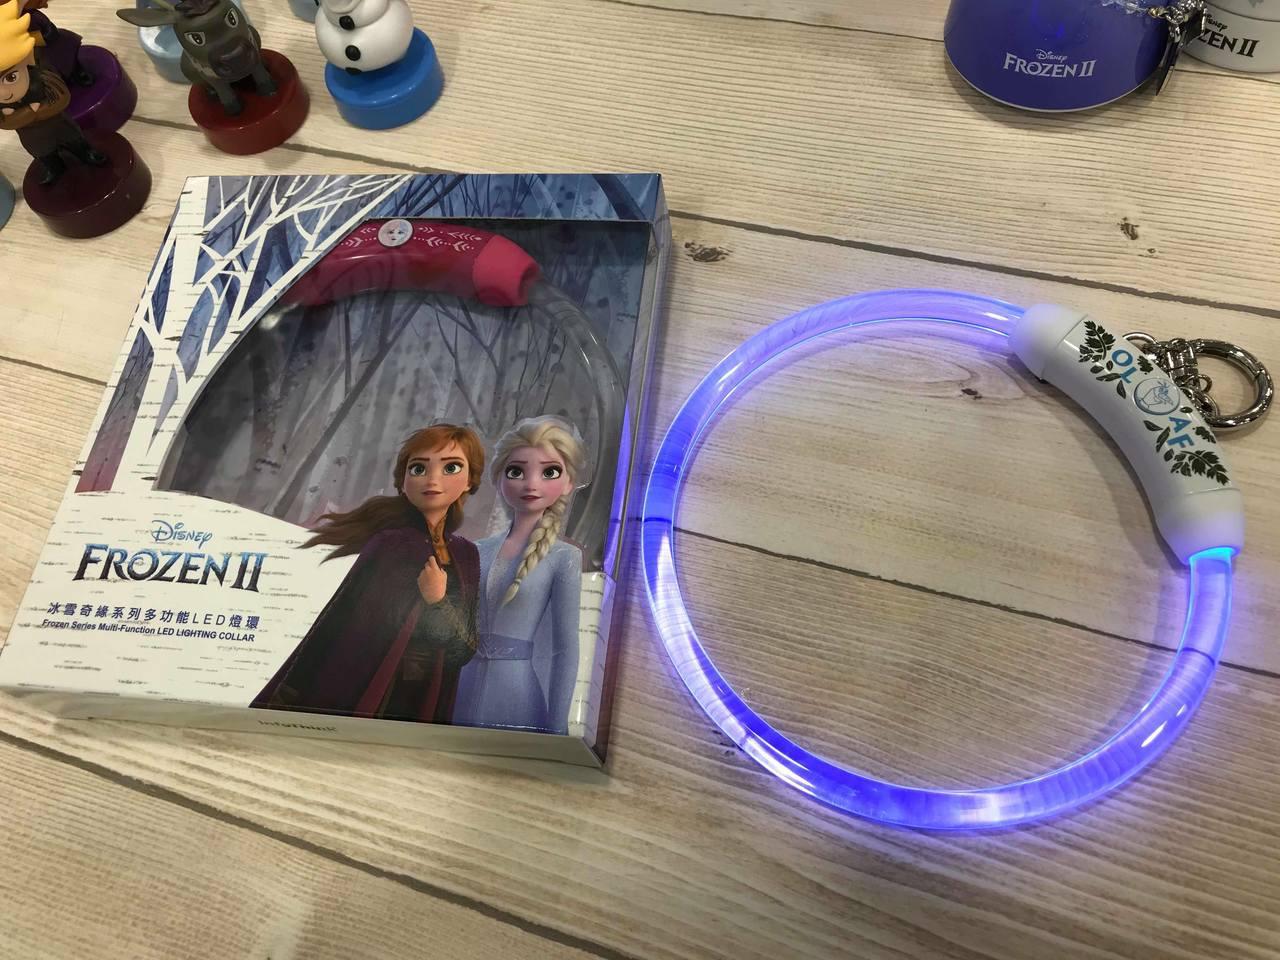 冰雪奇緣系列LED燈環,共有雪寶、安娜兩款,售價皆為399元,7-ELEVEN於...